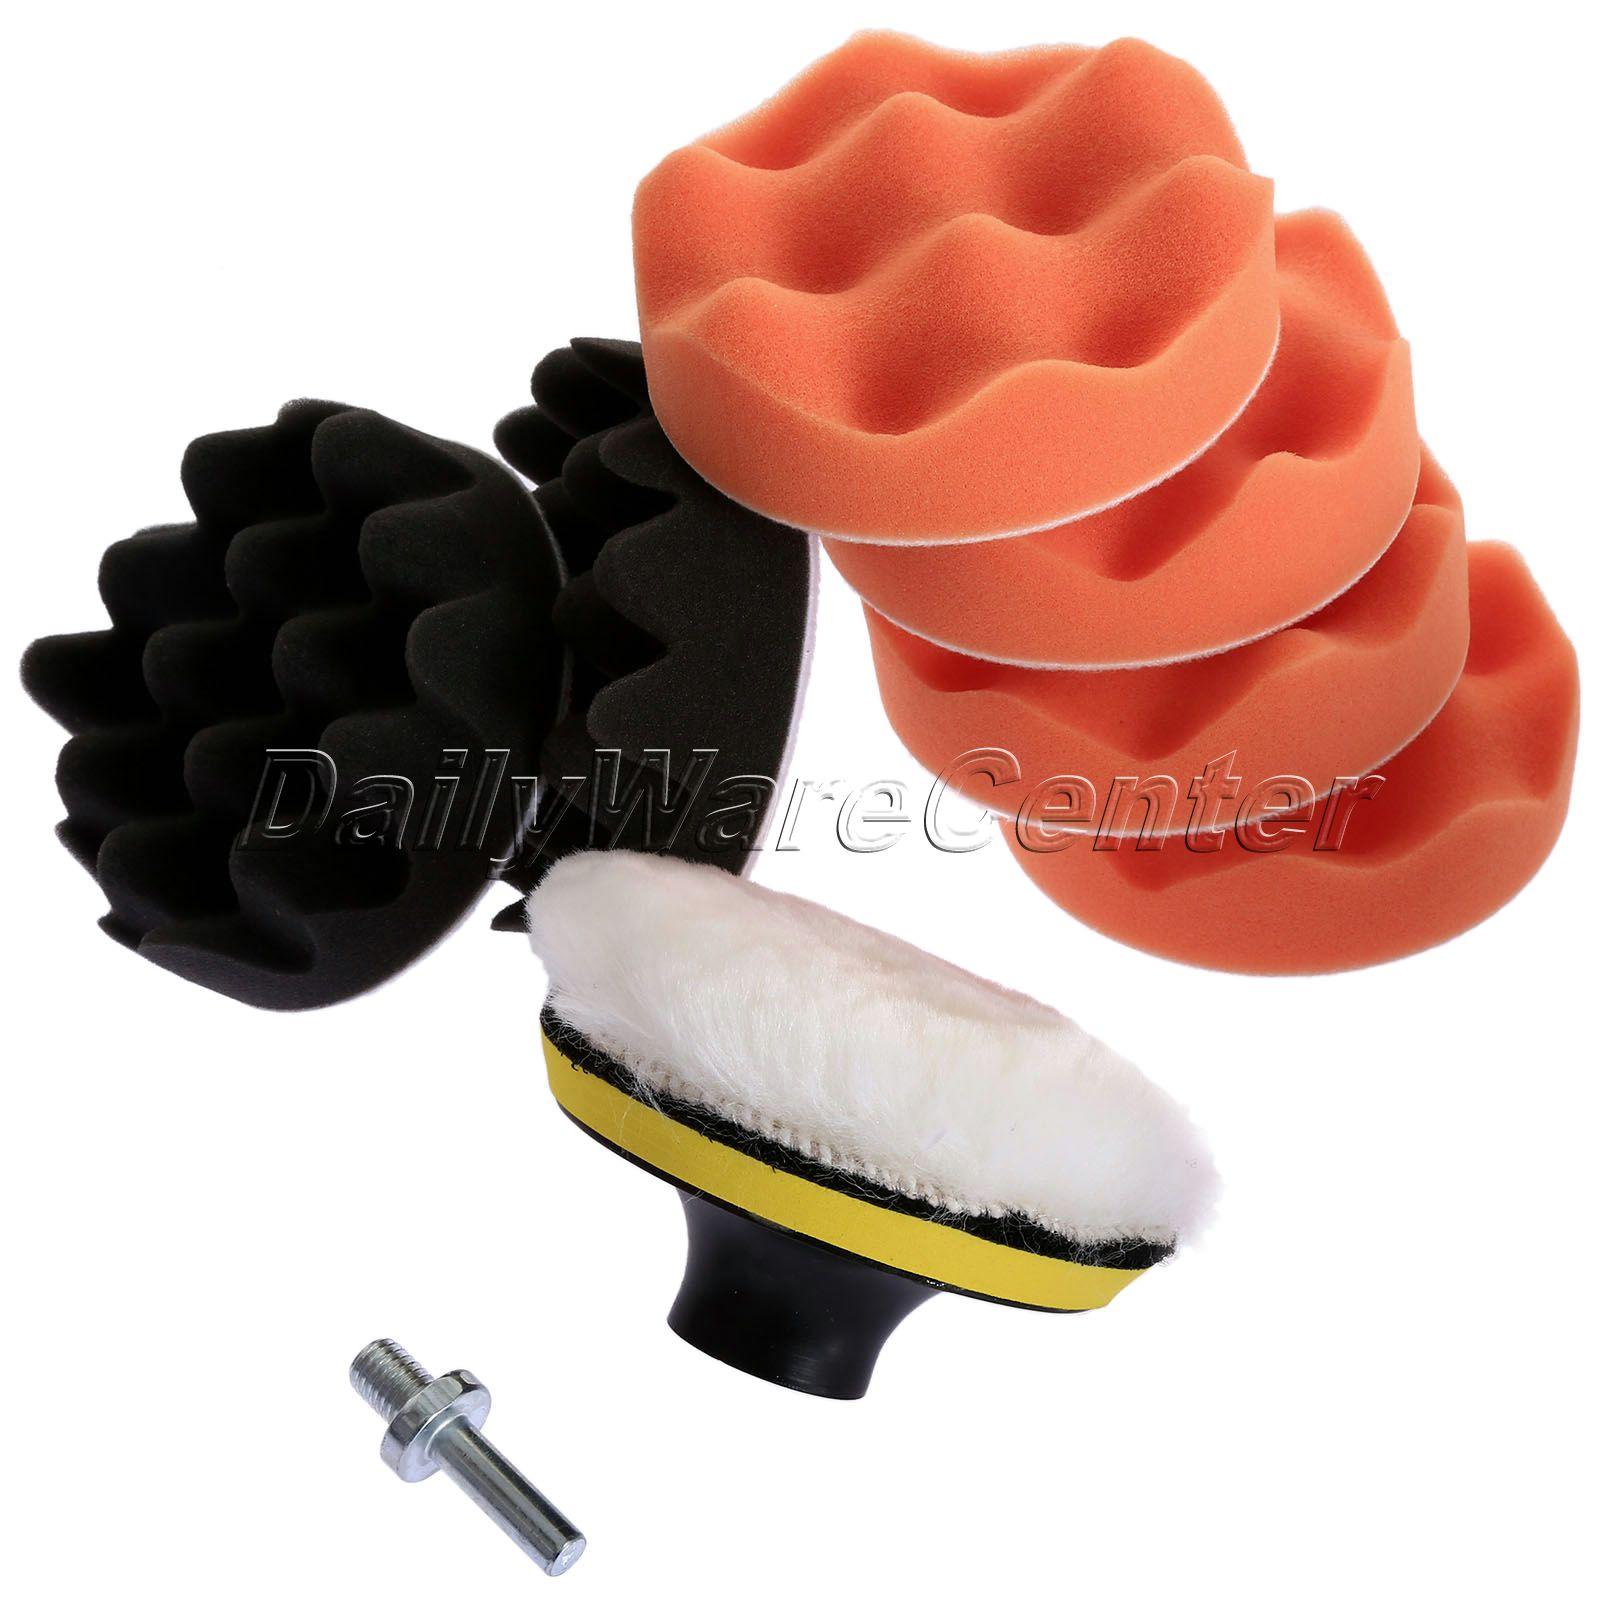 9 pcs 4 Polegada Detendo Esponja Roda Lustrando Pad Kit Composto de Polimento Auto Carro Kit + M10 Broca Adaptador Do Carro cuidado na lavagem Ferramenta de Limpeza